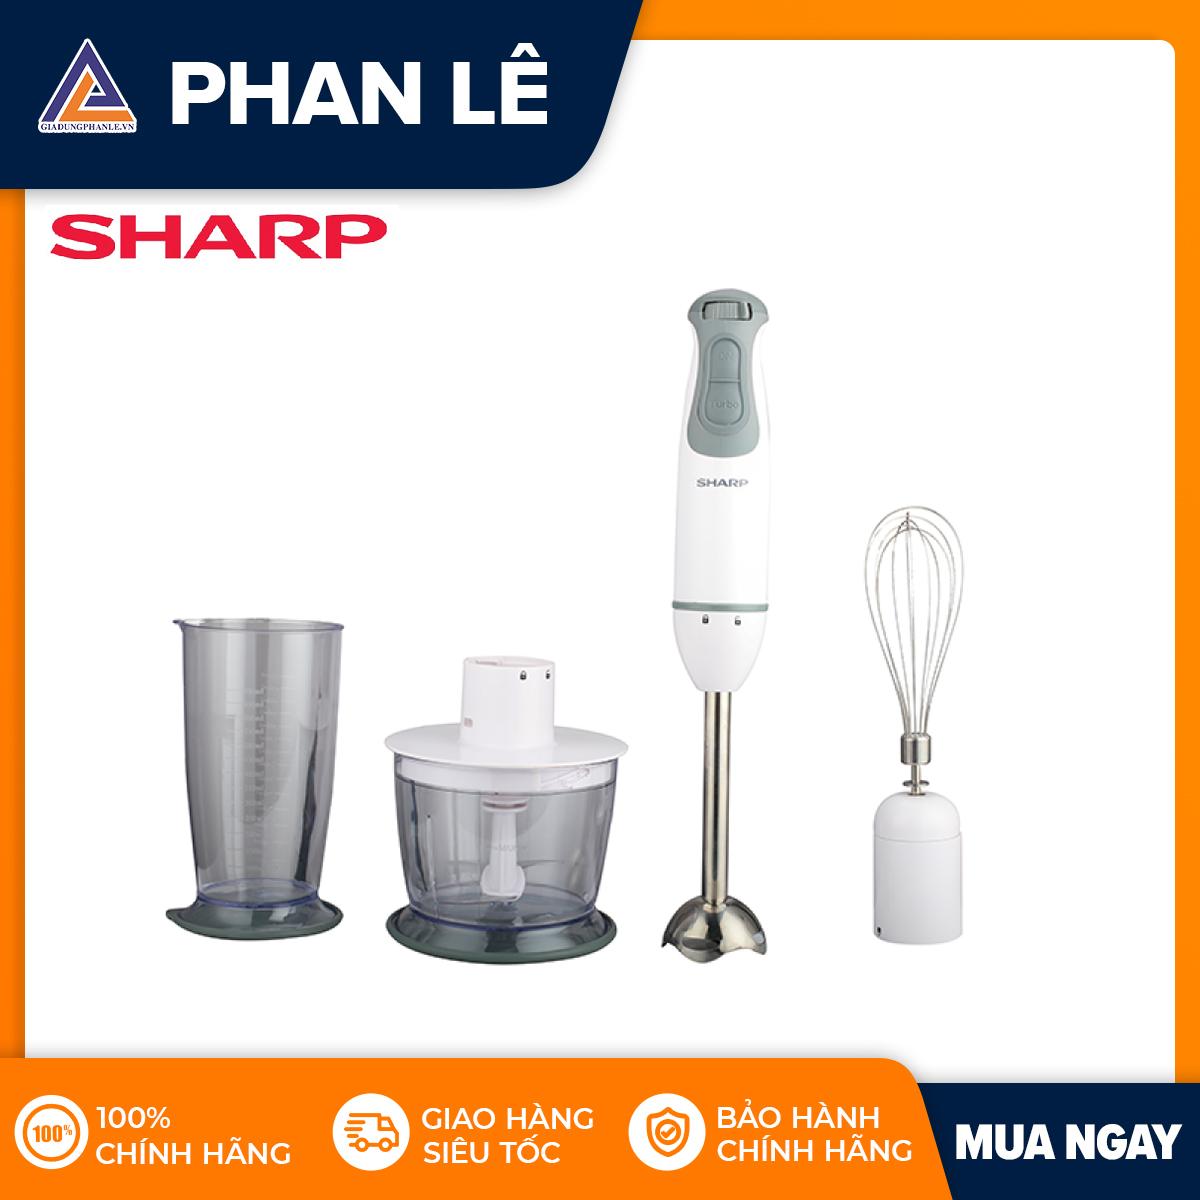 Máy xay cầm tay Sharp EM-H076SV-WH